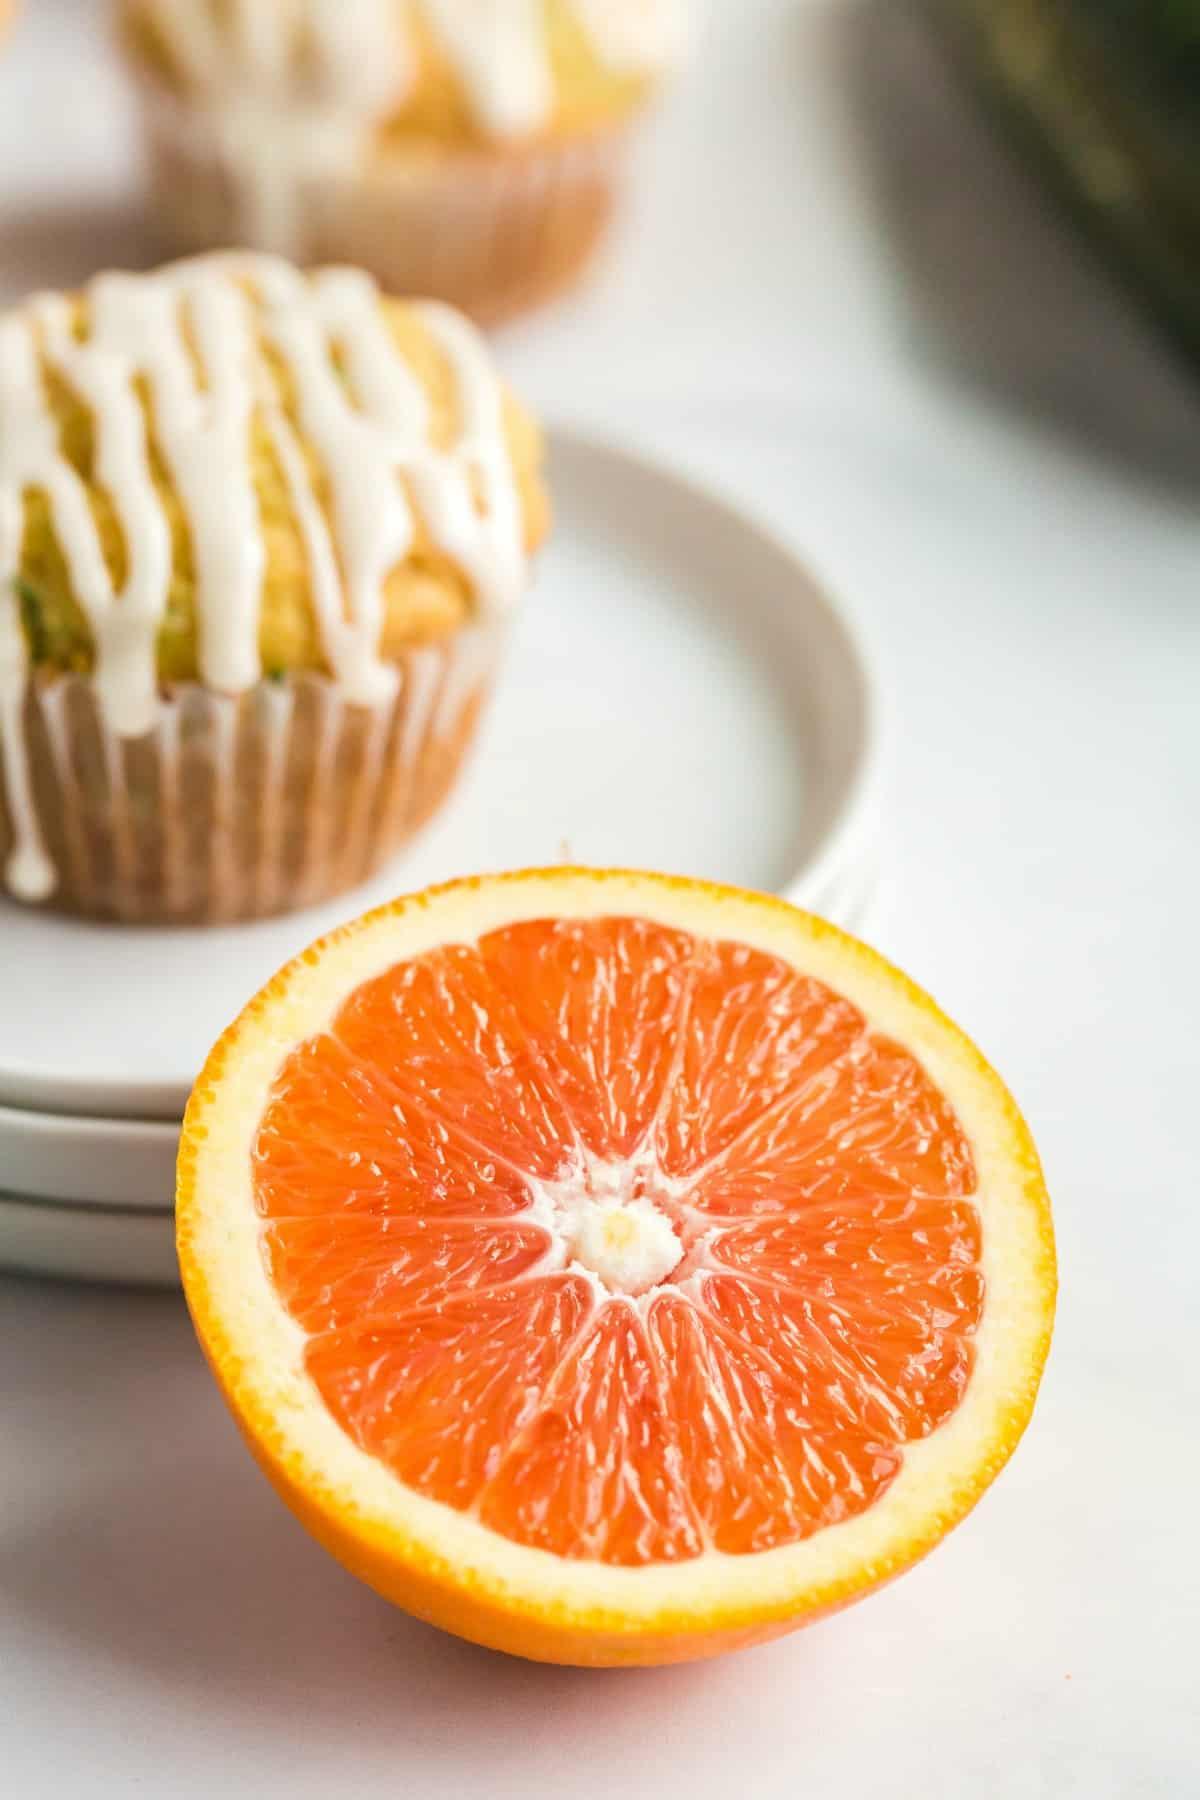 Cara cara orange sliced in half with zucchini muffin in background.